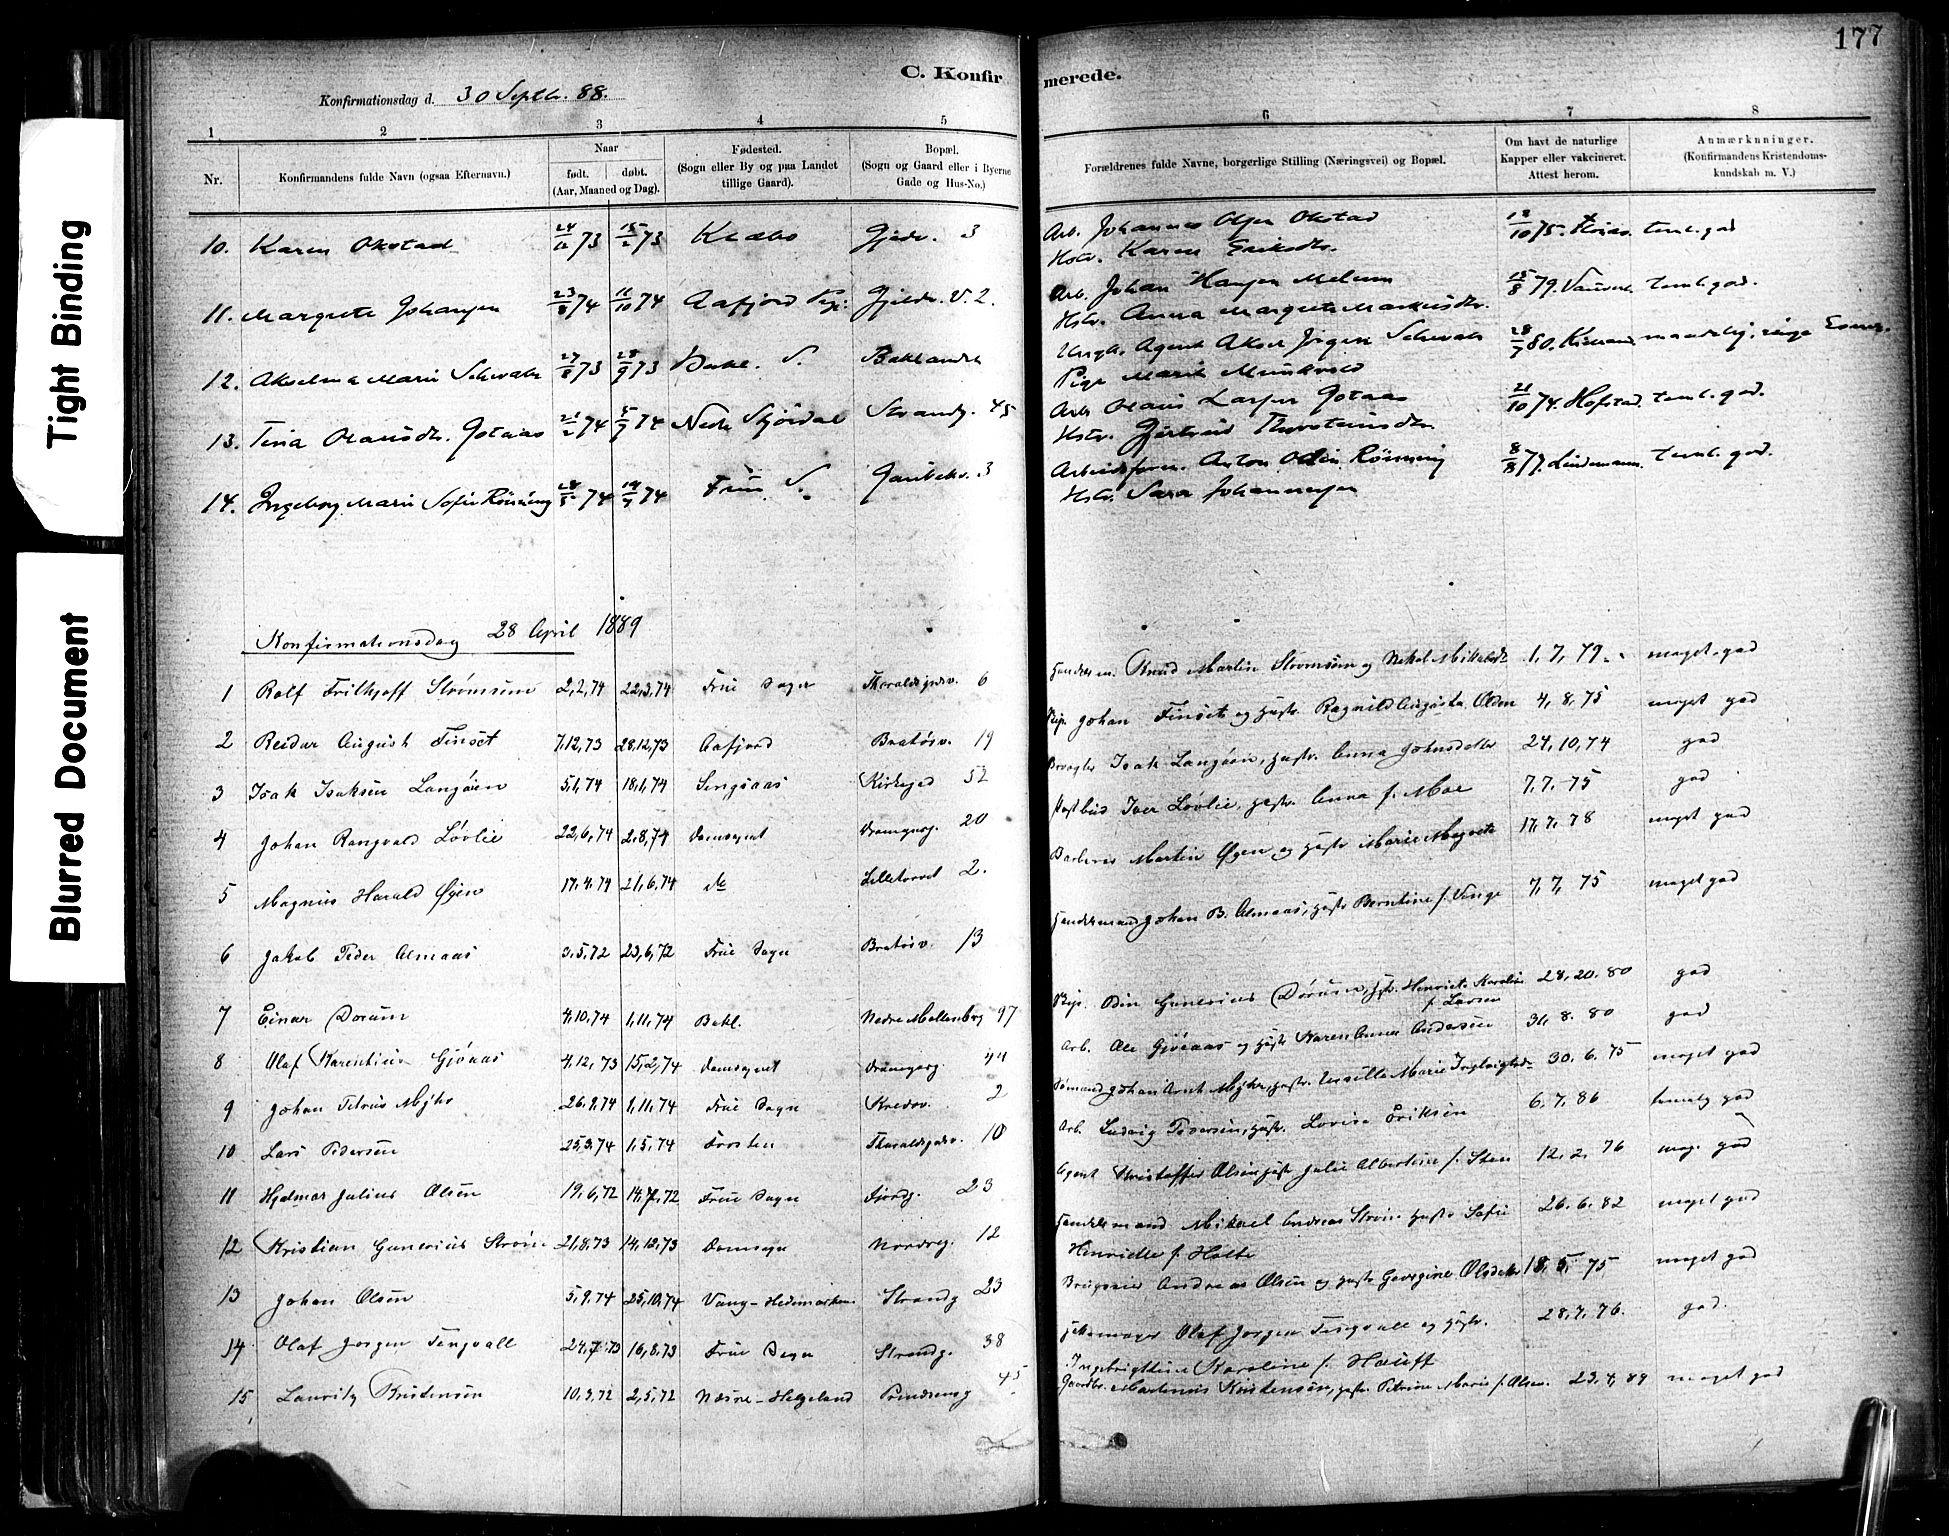 SAT, Ministerialprotokoller, klokkerbøker og fødselsregistre - Sør-Trøndelag, 602/L0119: Ministerialbok nr. 602A17, 1880-1901, s. 177